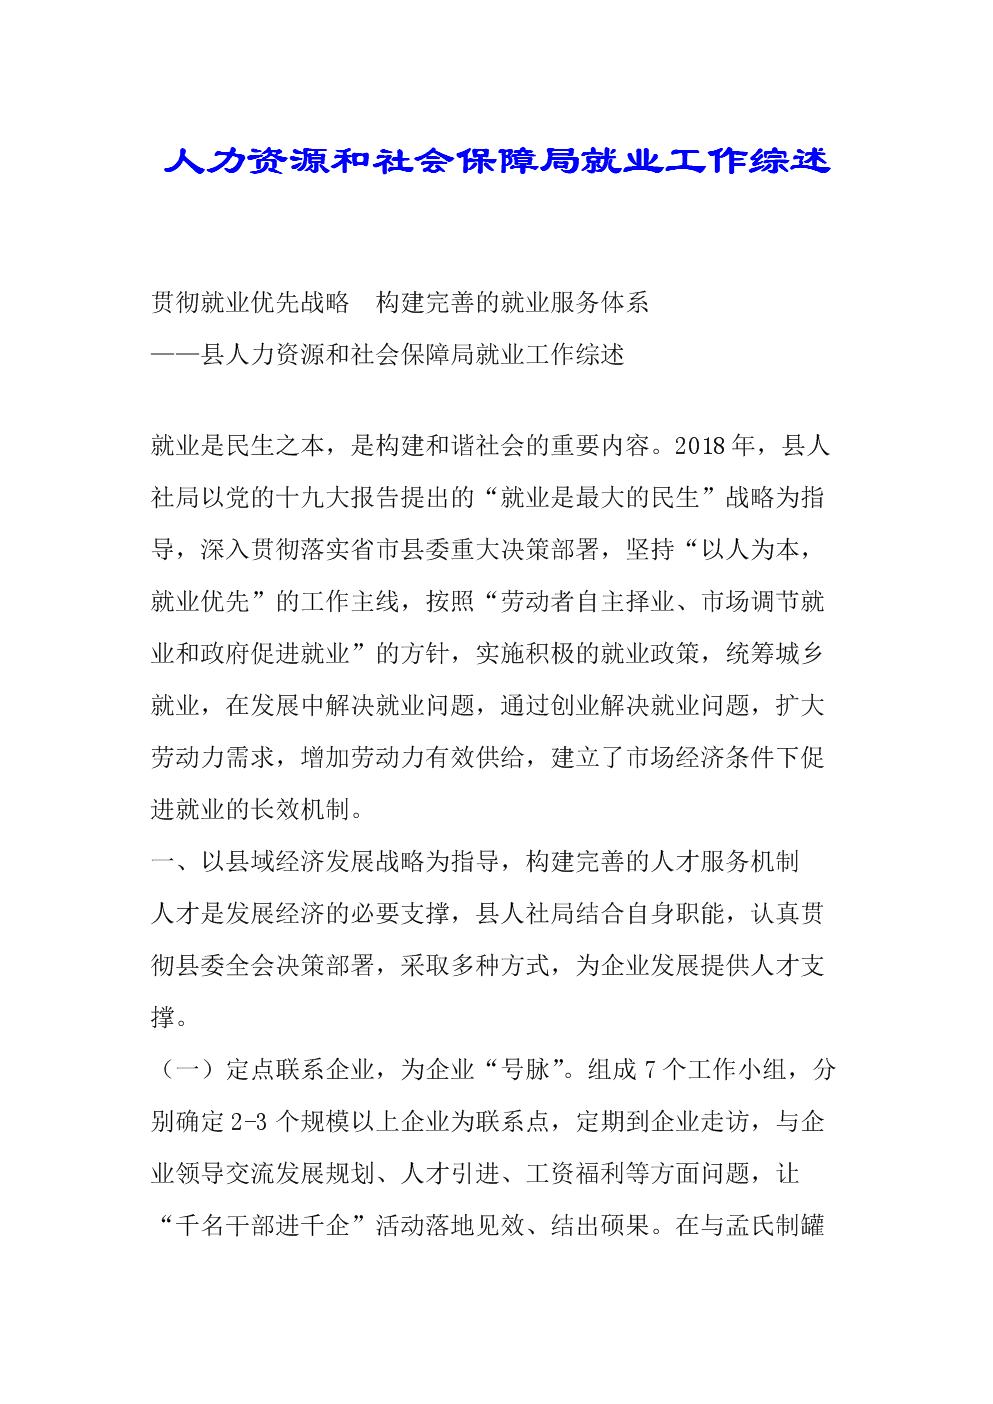 有关人力资源和社会保障局就业工作综述 (2).doc